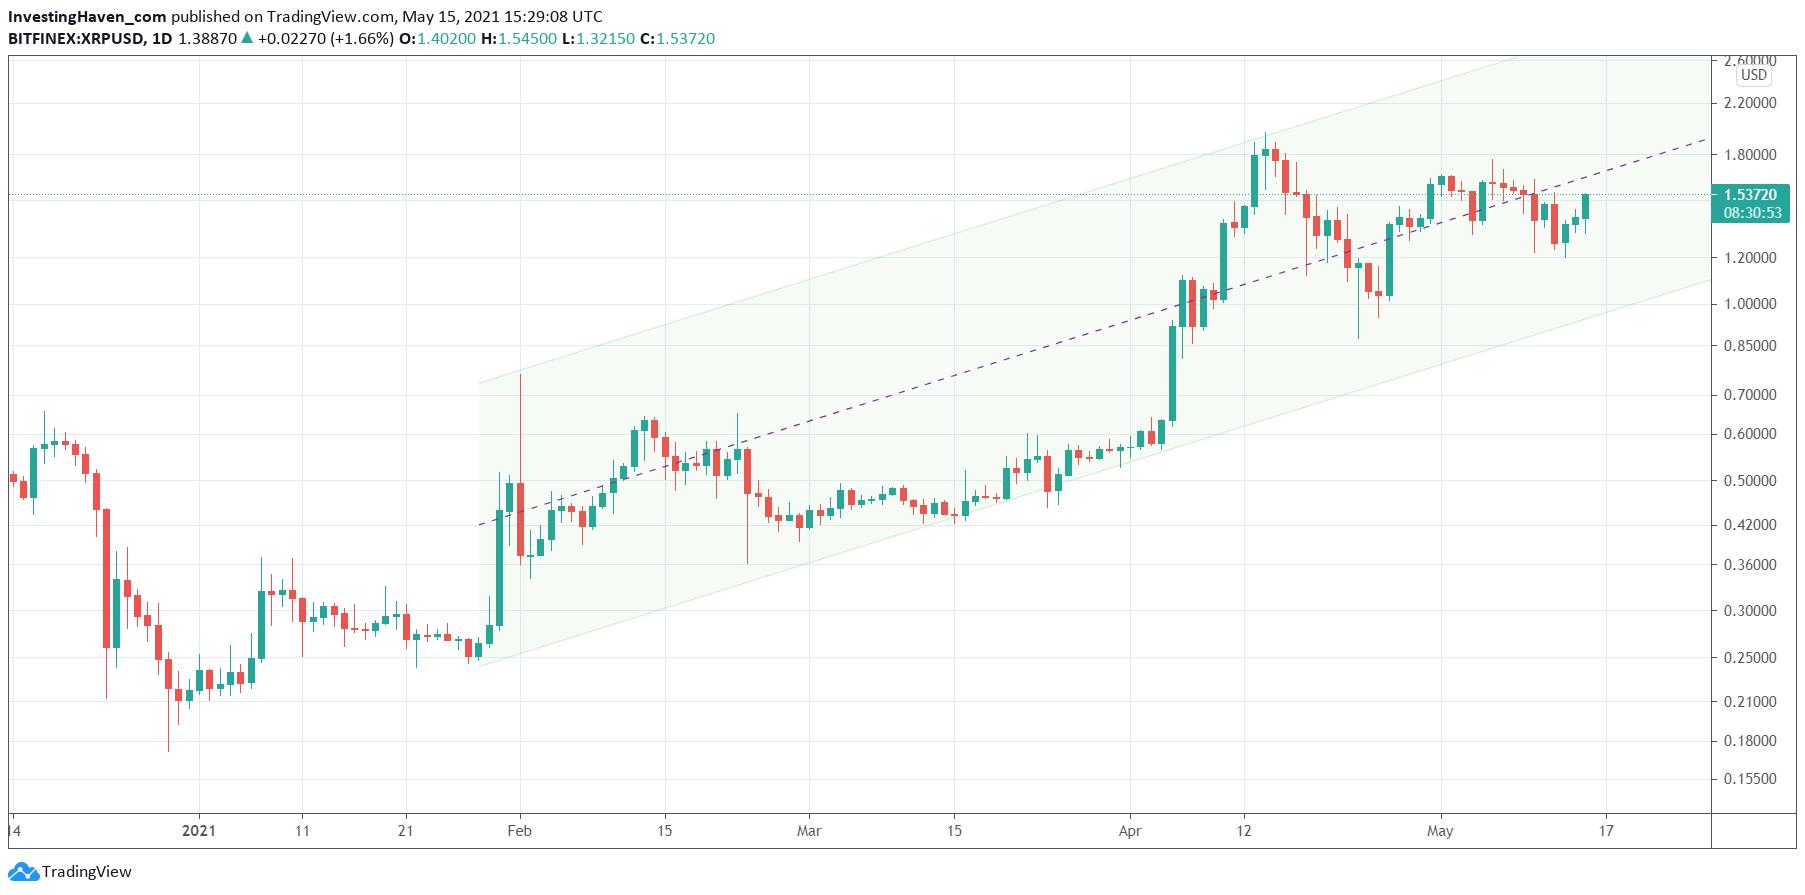 xrp price forecast